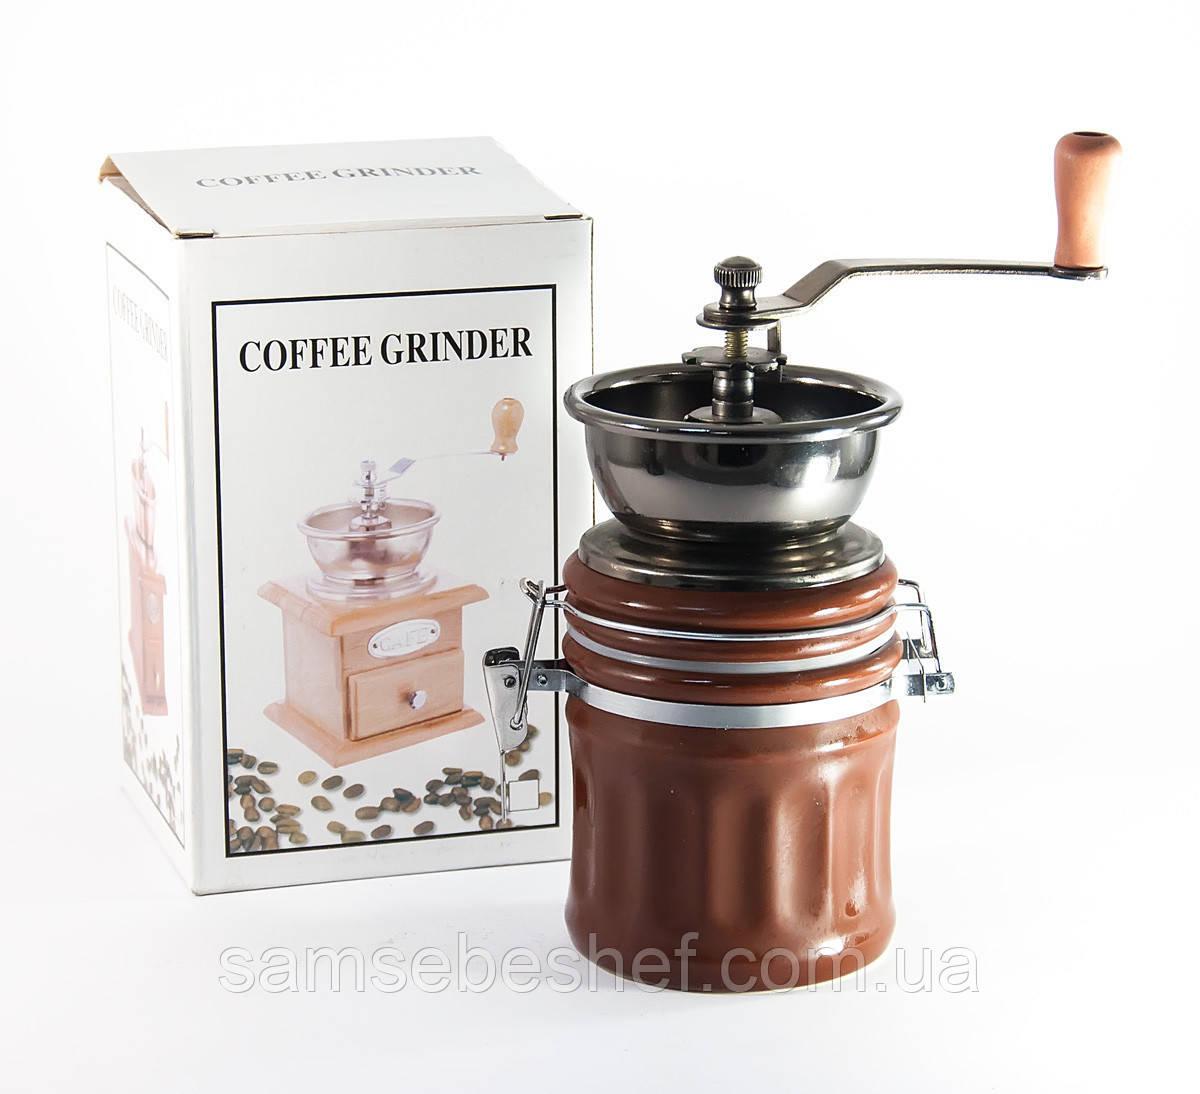 Кофемолка ручная с керамическим механизмом 250 мл GA Dynasty